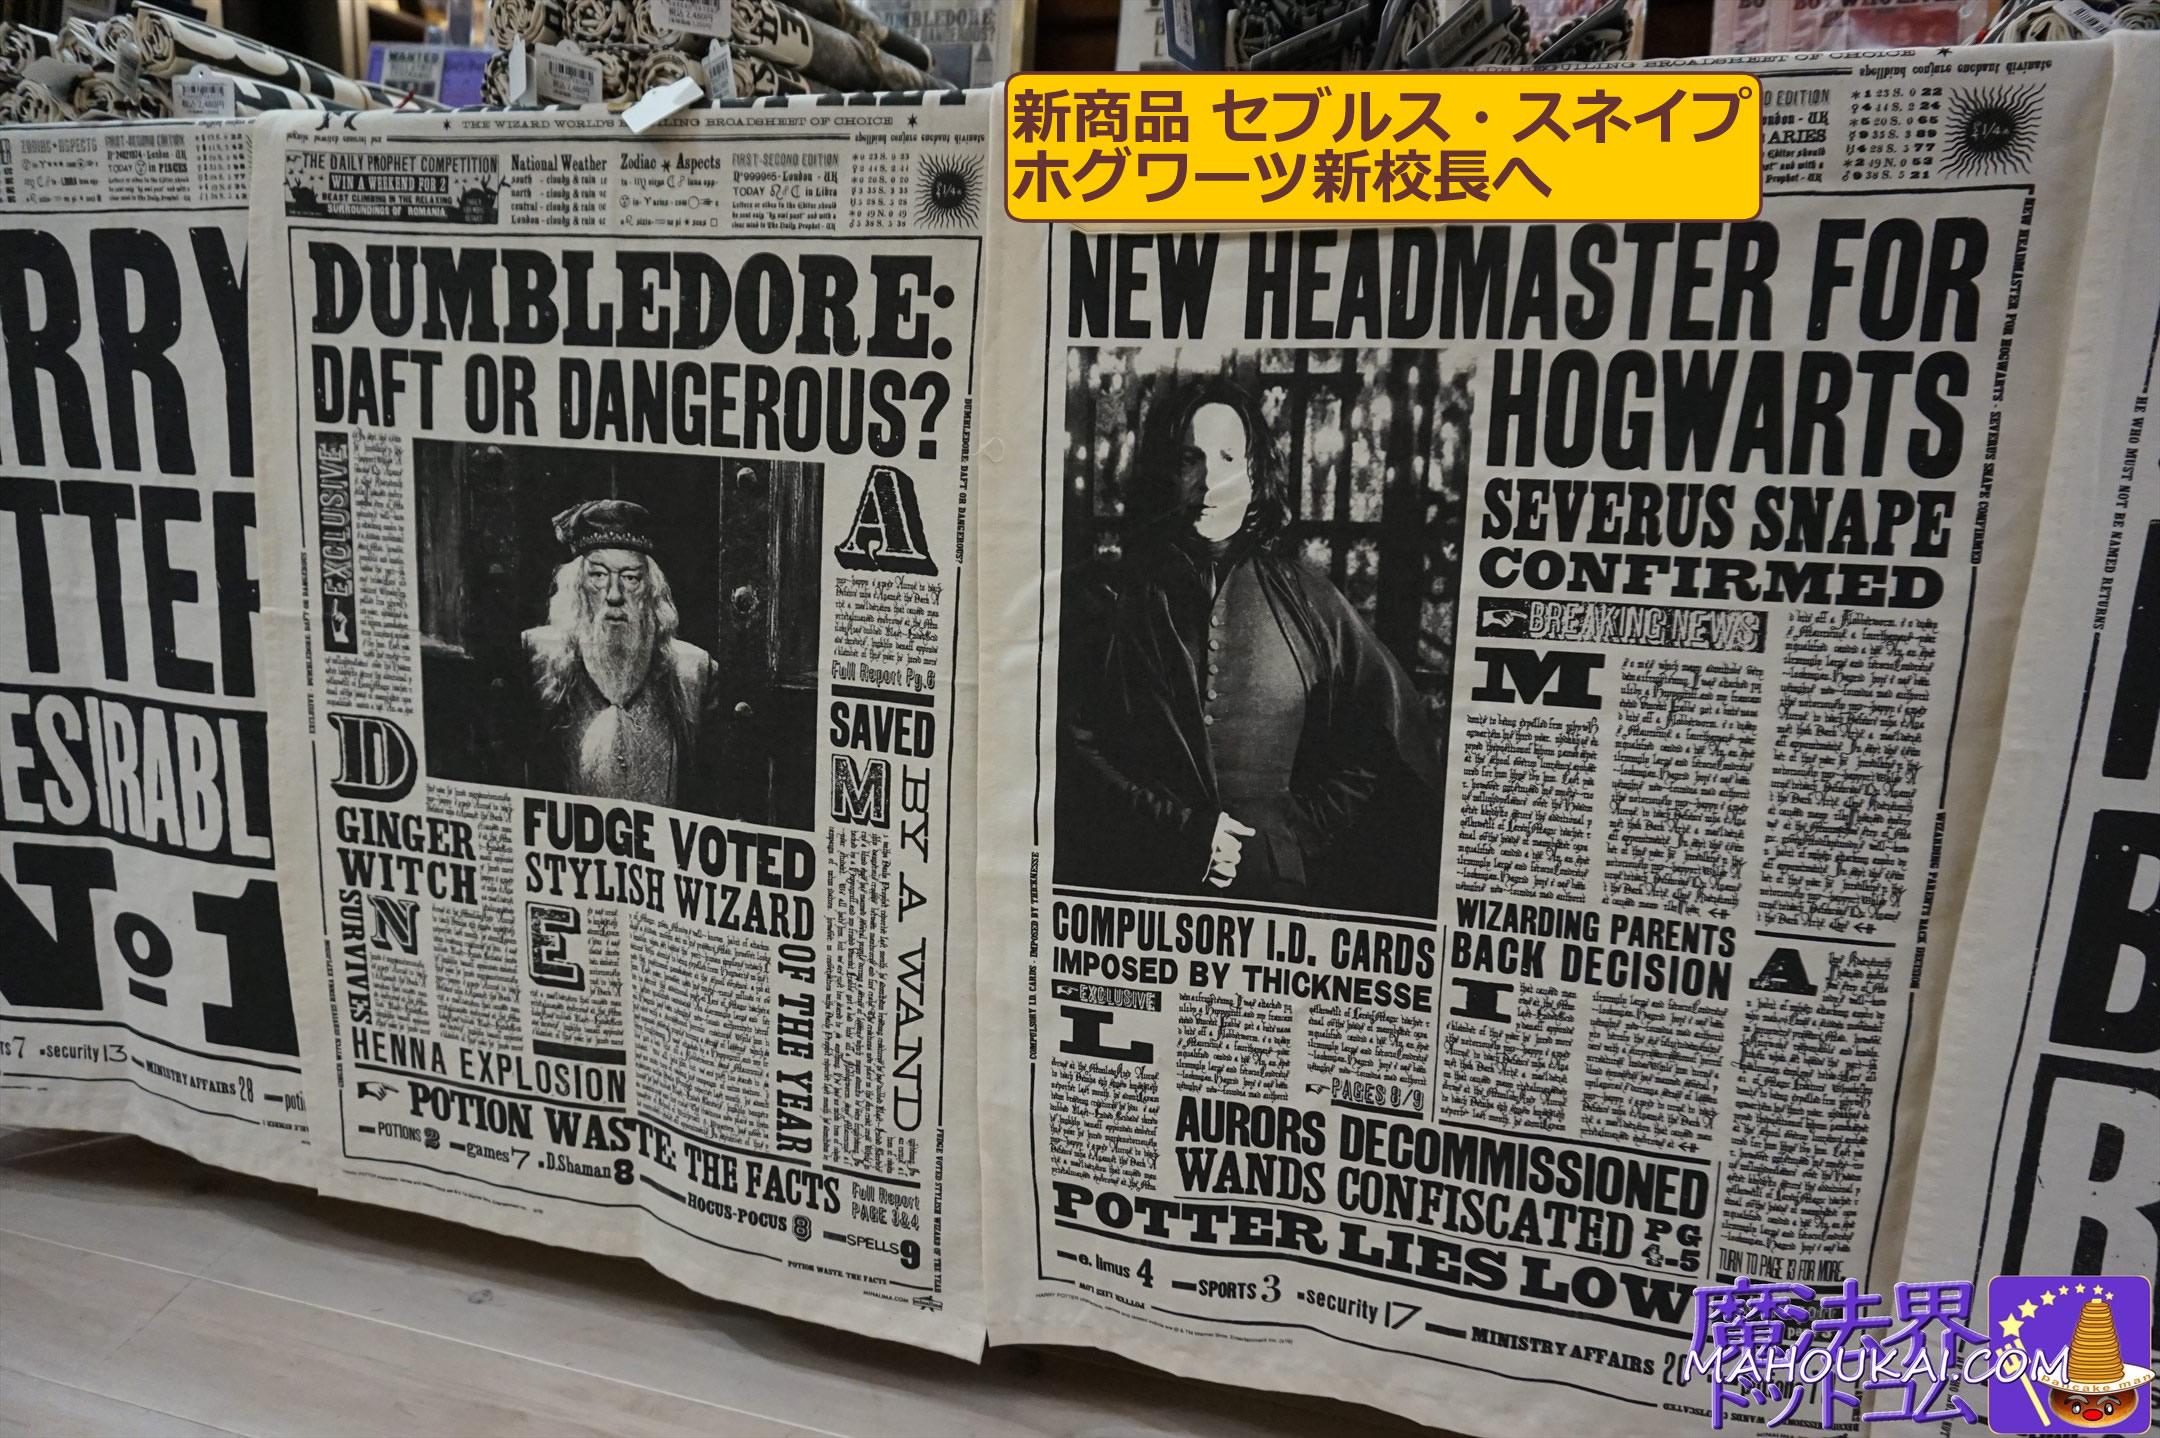 ティータオル:日刊預言者新聞 セブルス・スネイプがホグワーツ新校長へ ミナリマ大阪